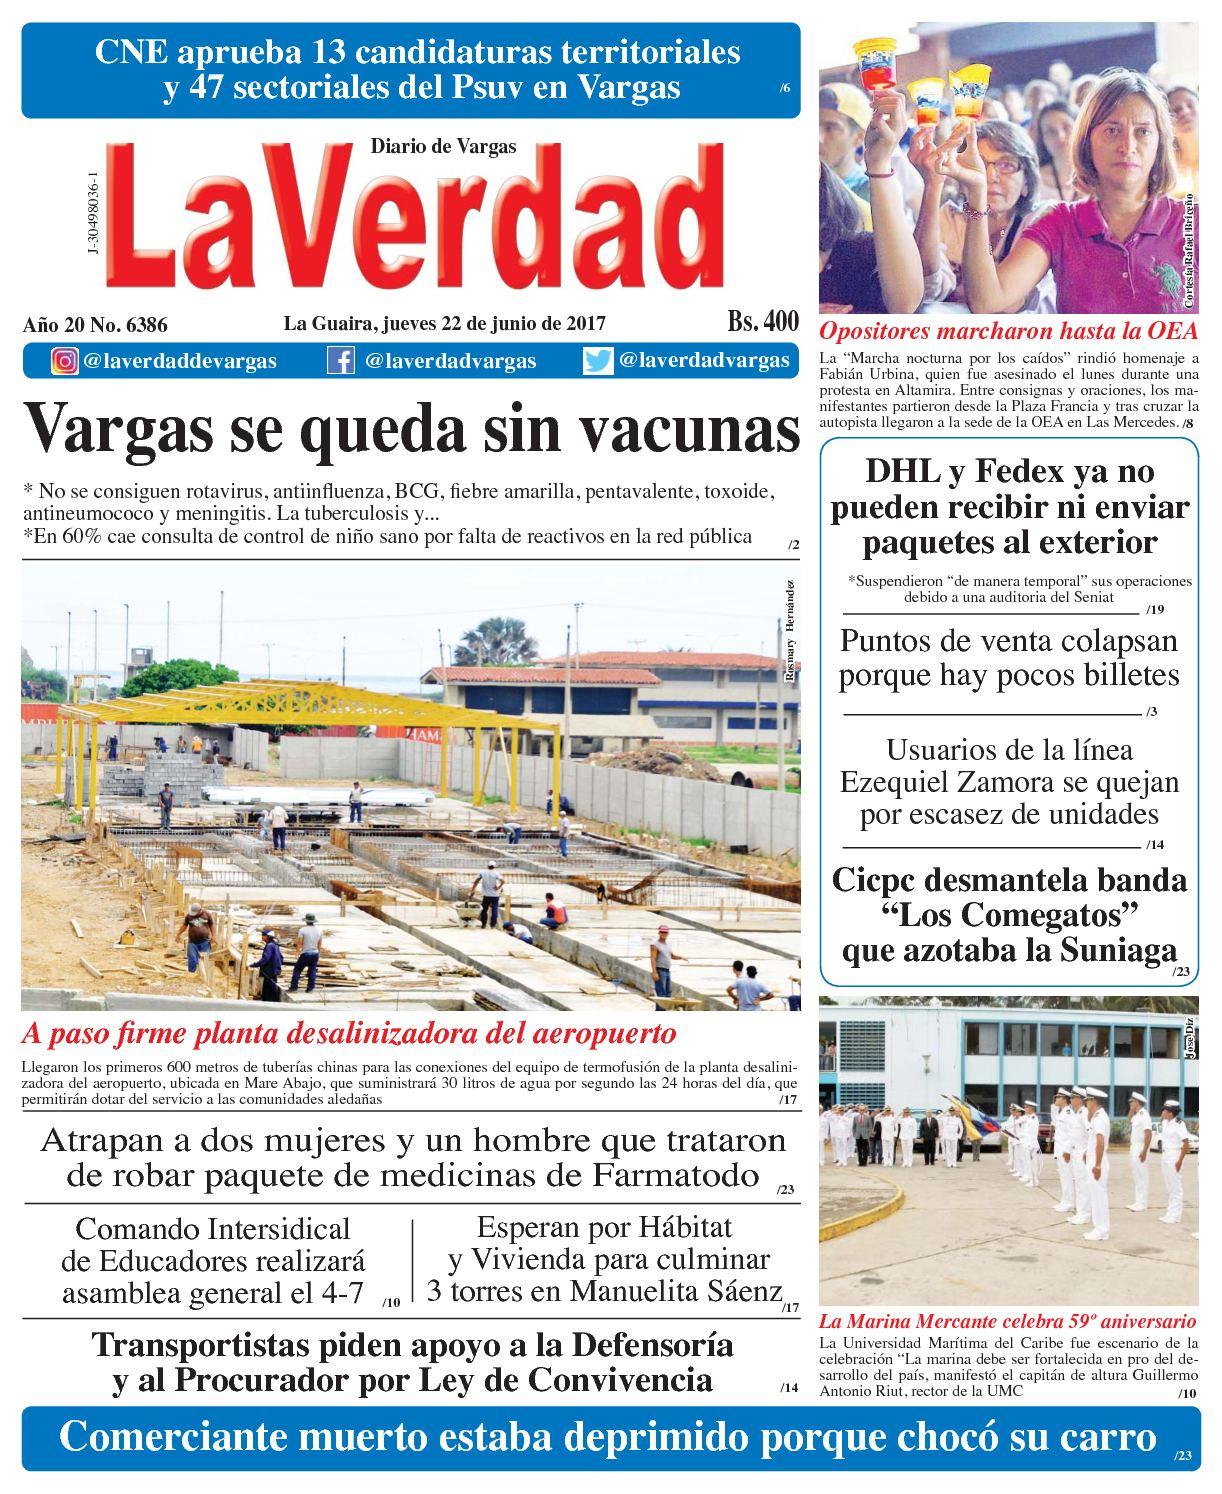 La Guaira, jueves 22 de junio de 2017 Año 20 No. 6386